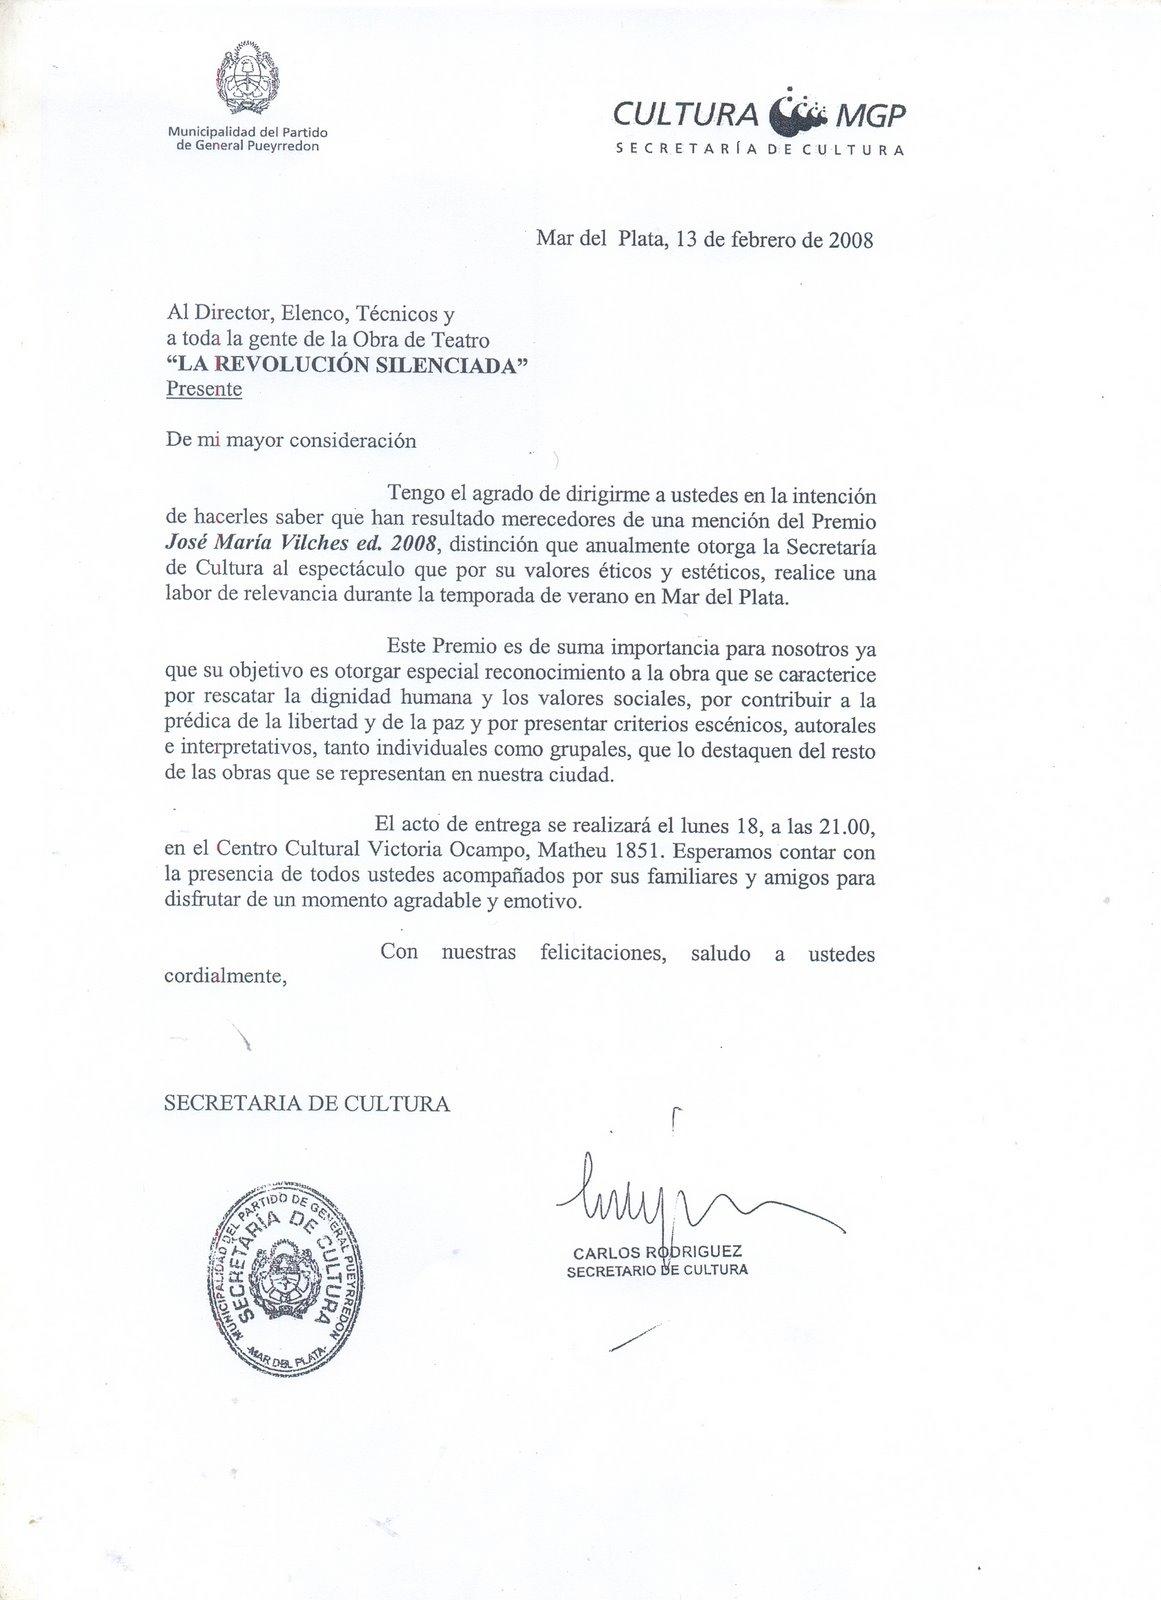 Carta de la Secretaria de Cultura